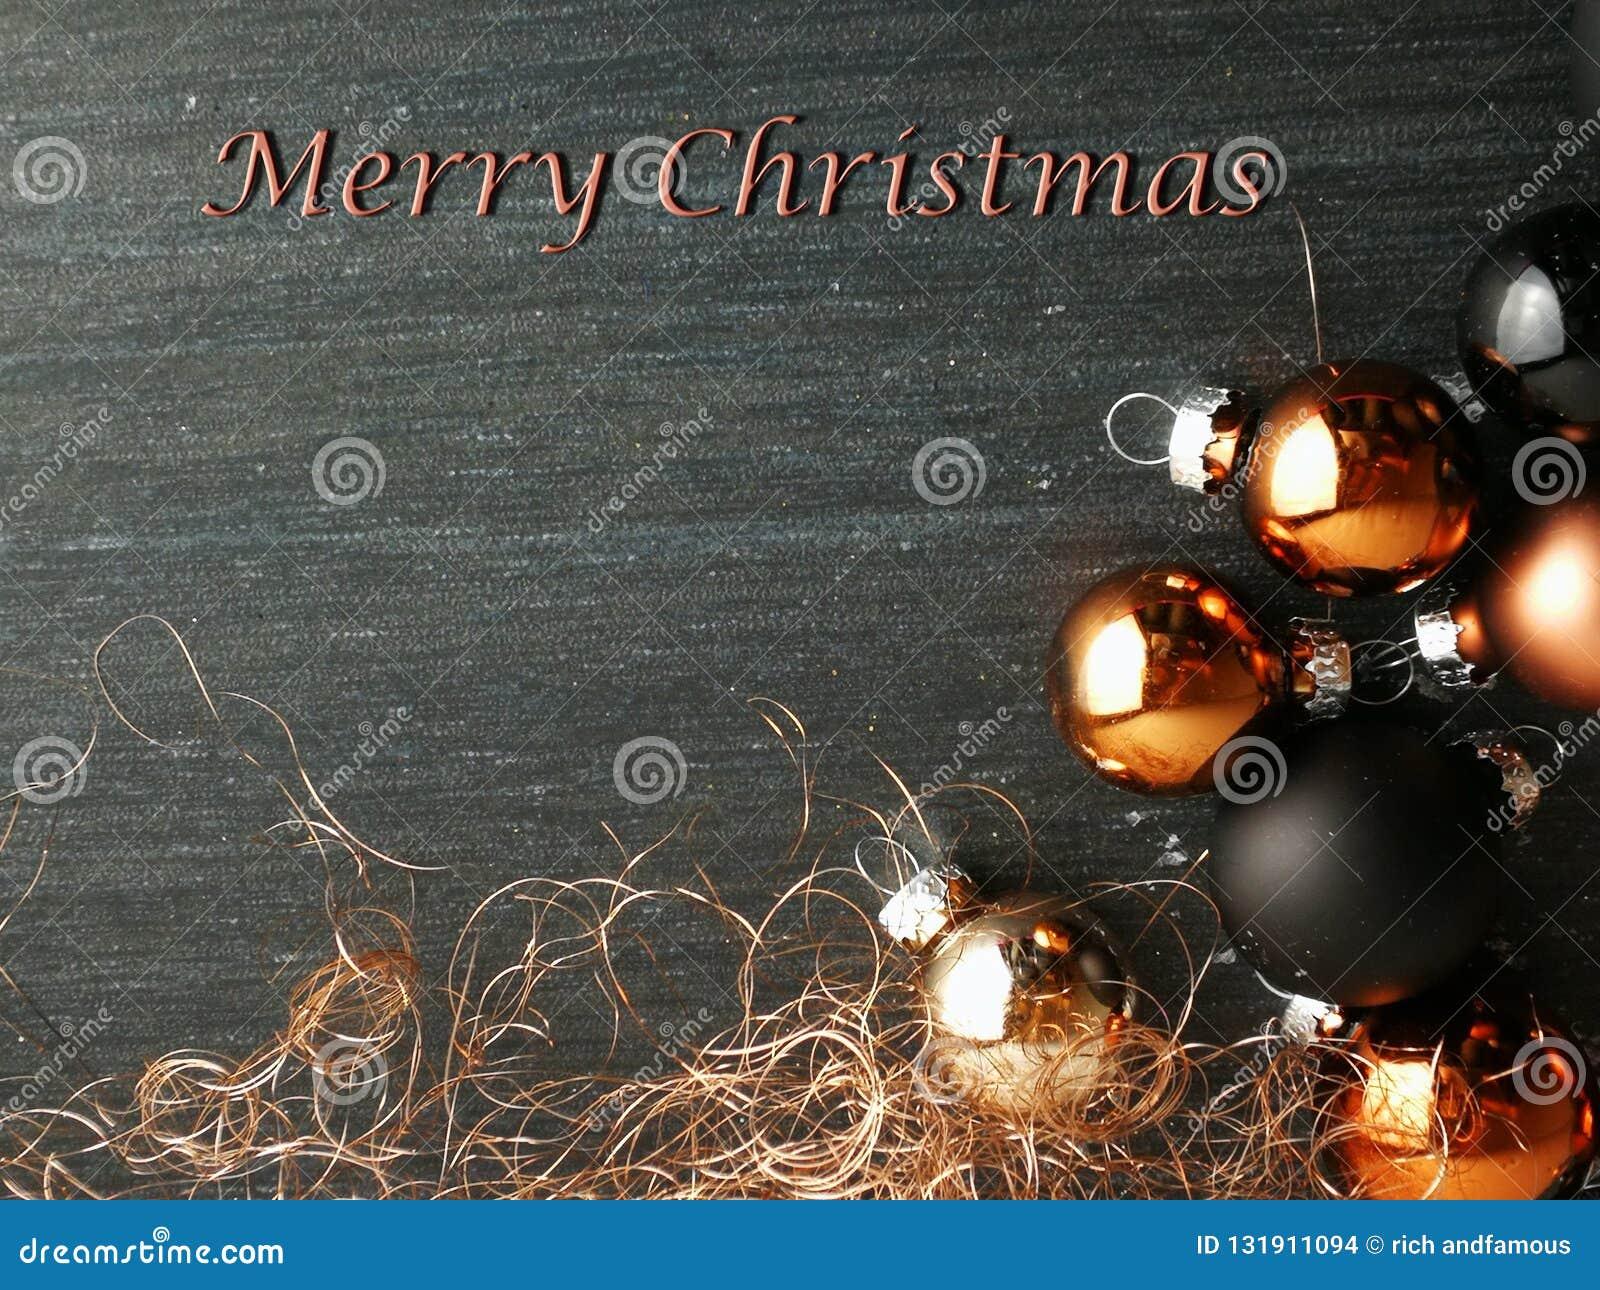 Frohe Weihnachten Text Karte.Frohe Weihnacht Karten Flitter Schwarz Und Kupfern Stockfoto